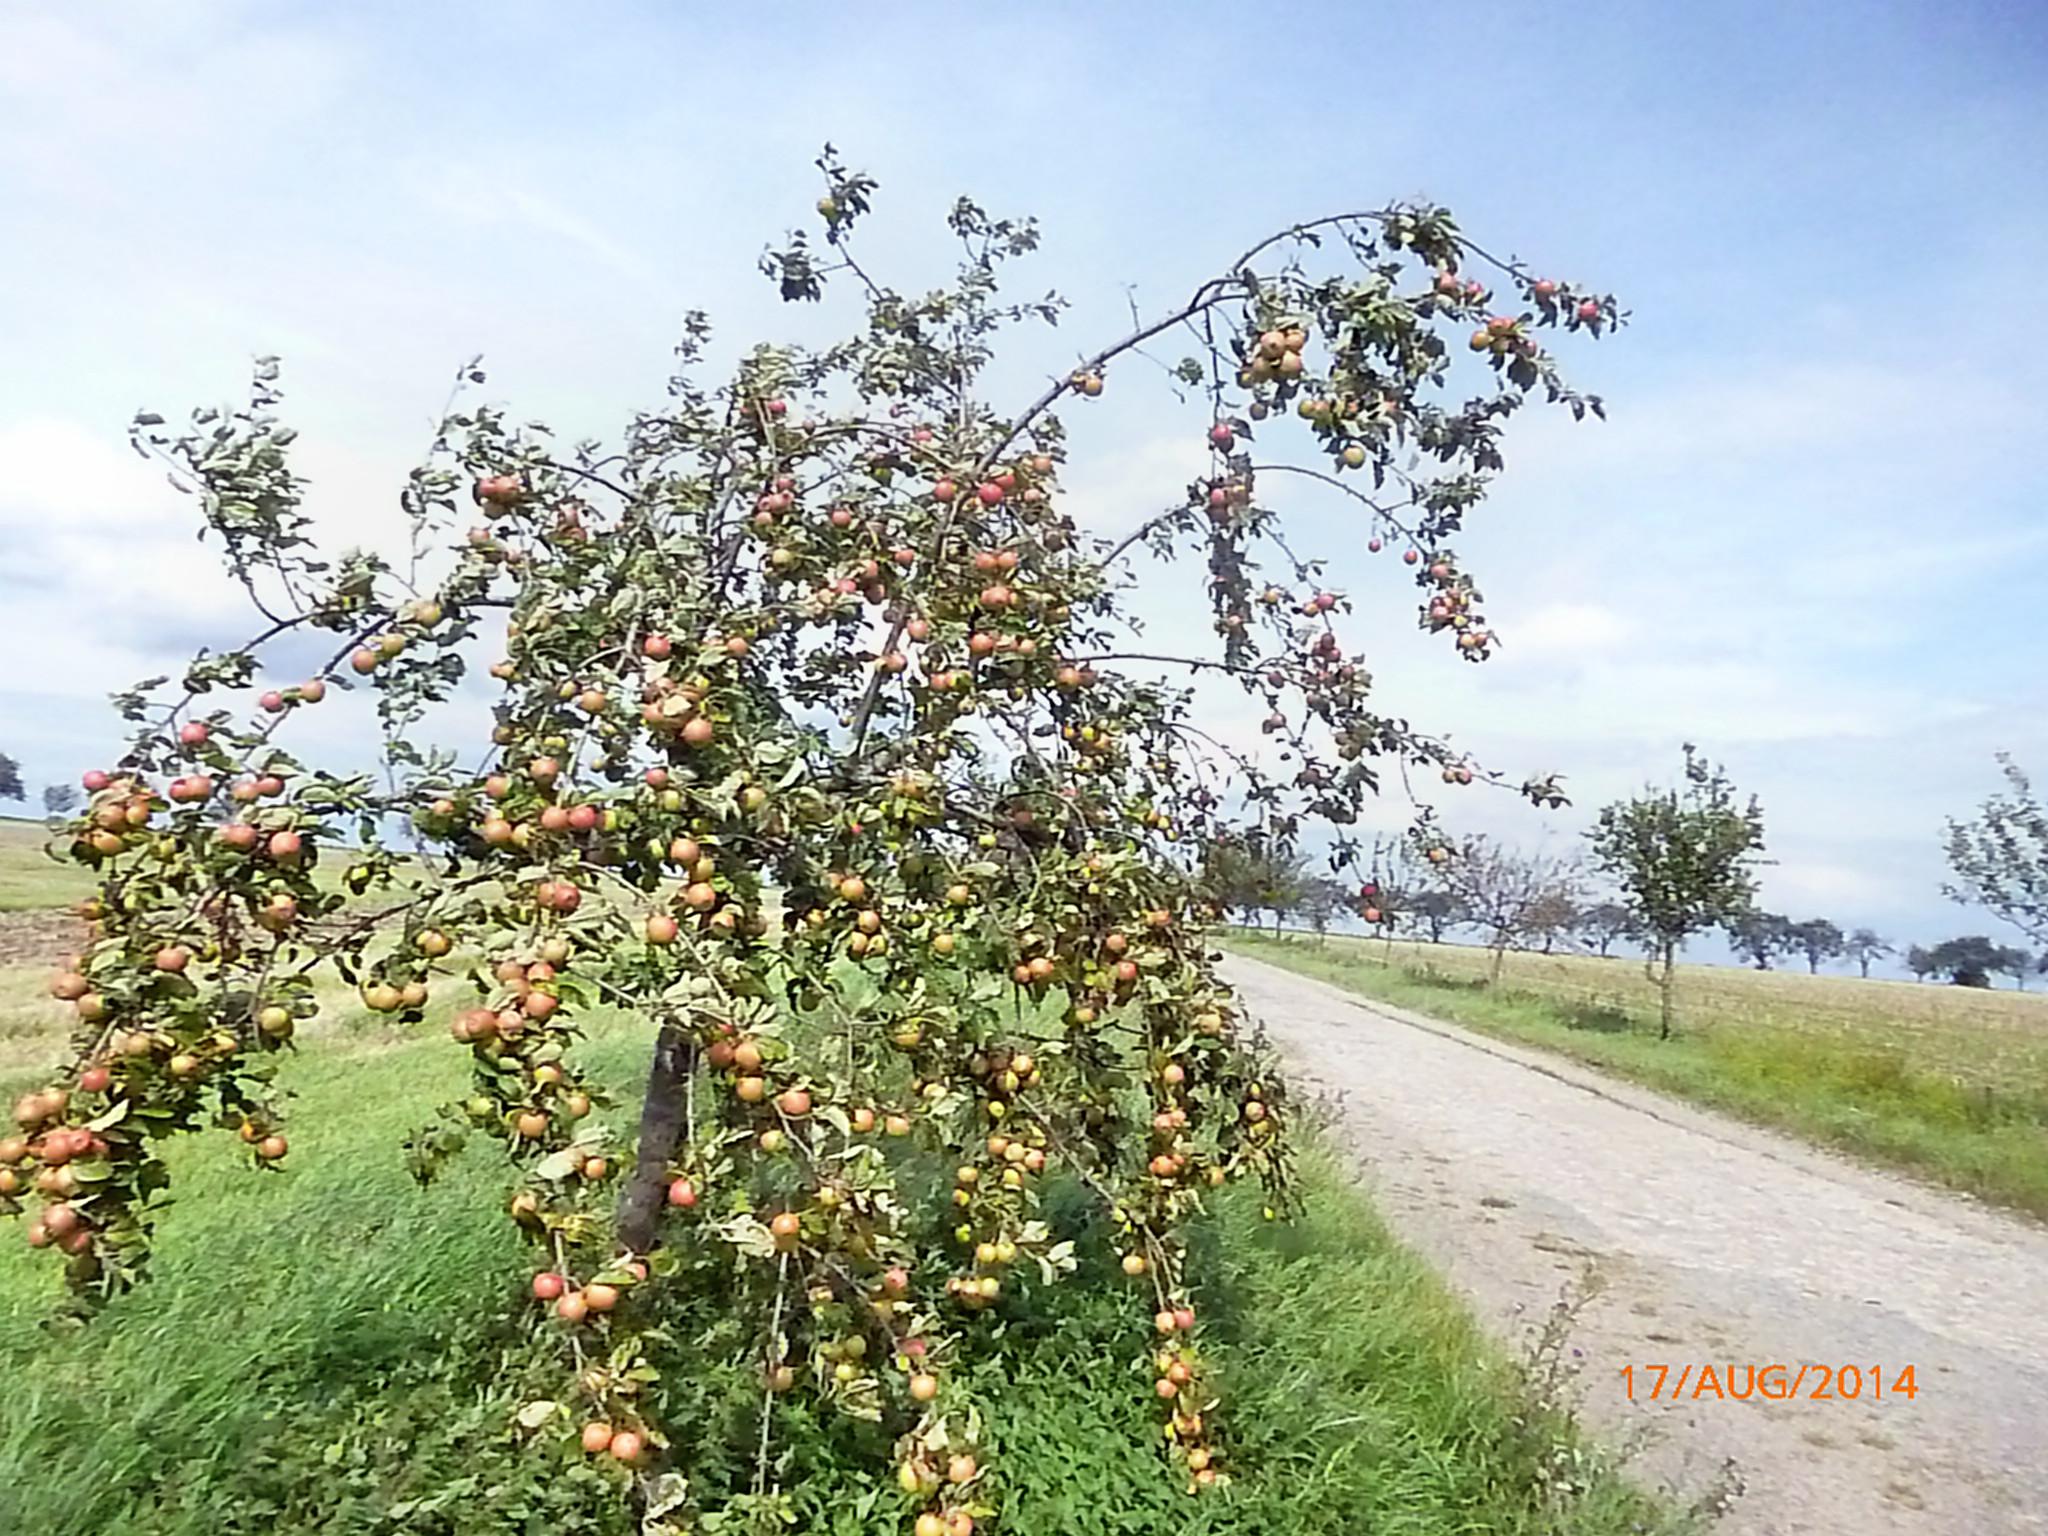 Obst vom Wegesrand-17.8.14   (12)